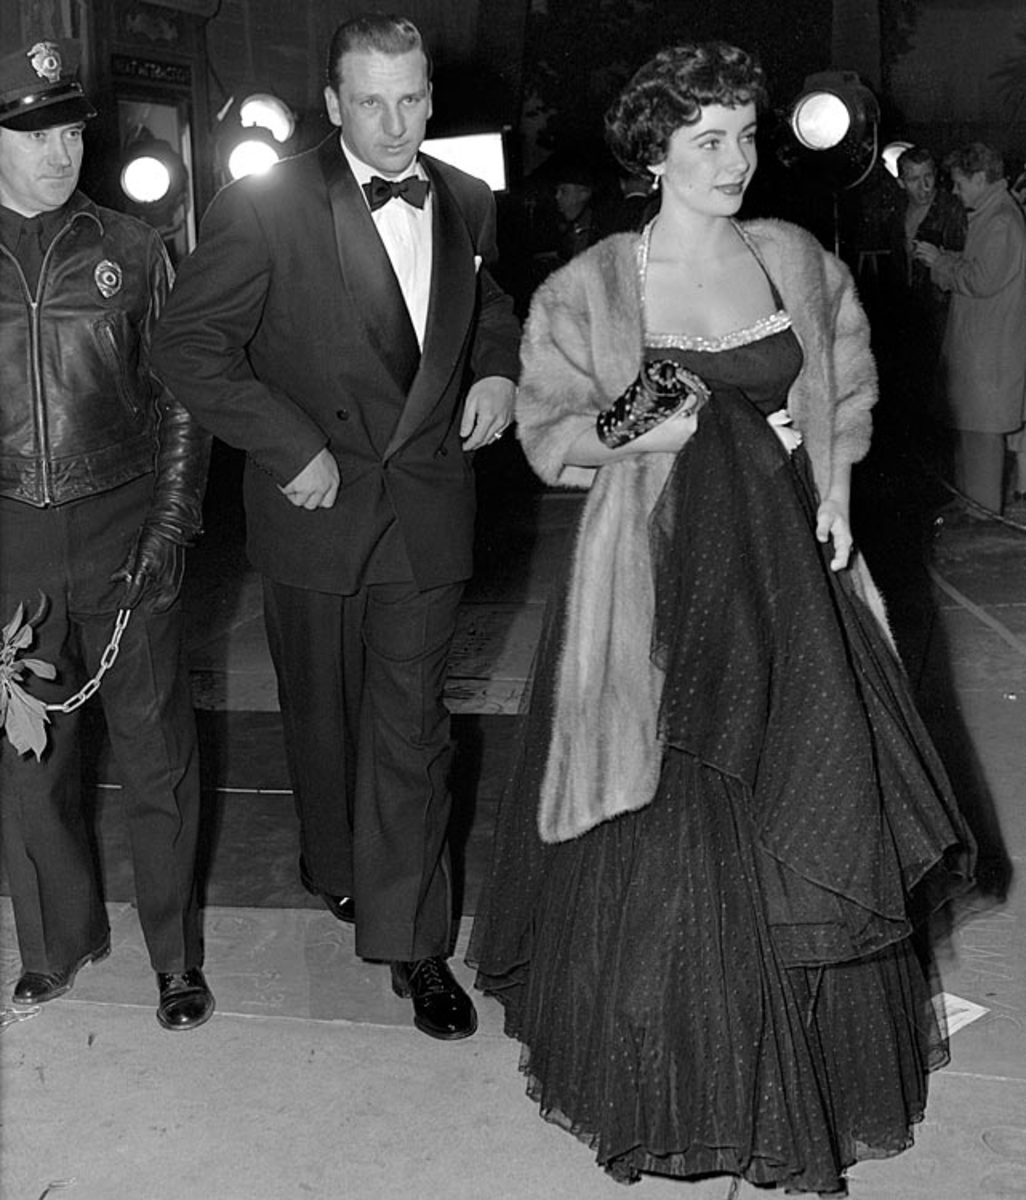 Ralph Kiner and<br> Elizabeth Taylor